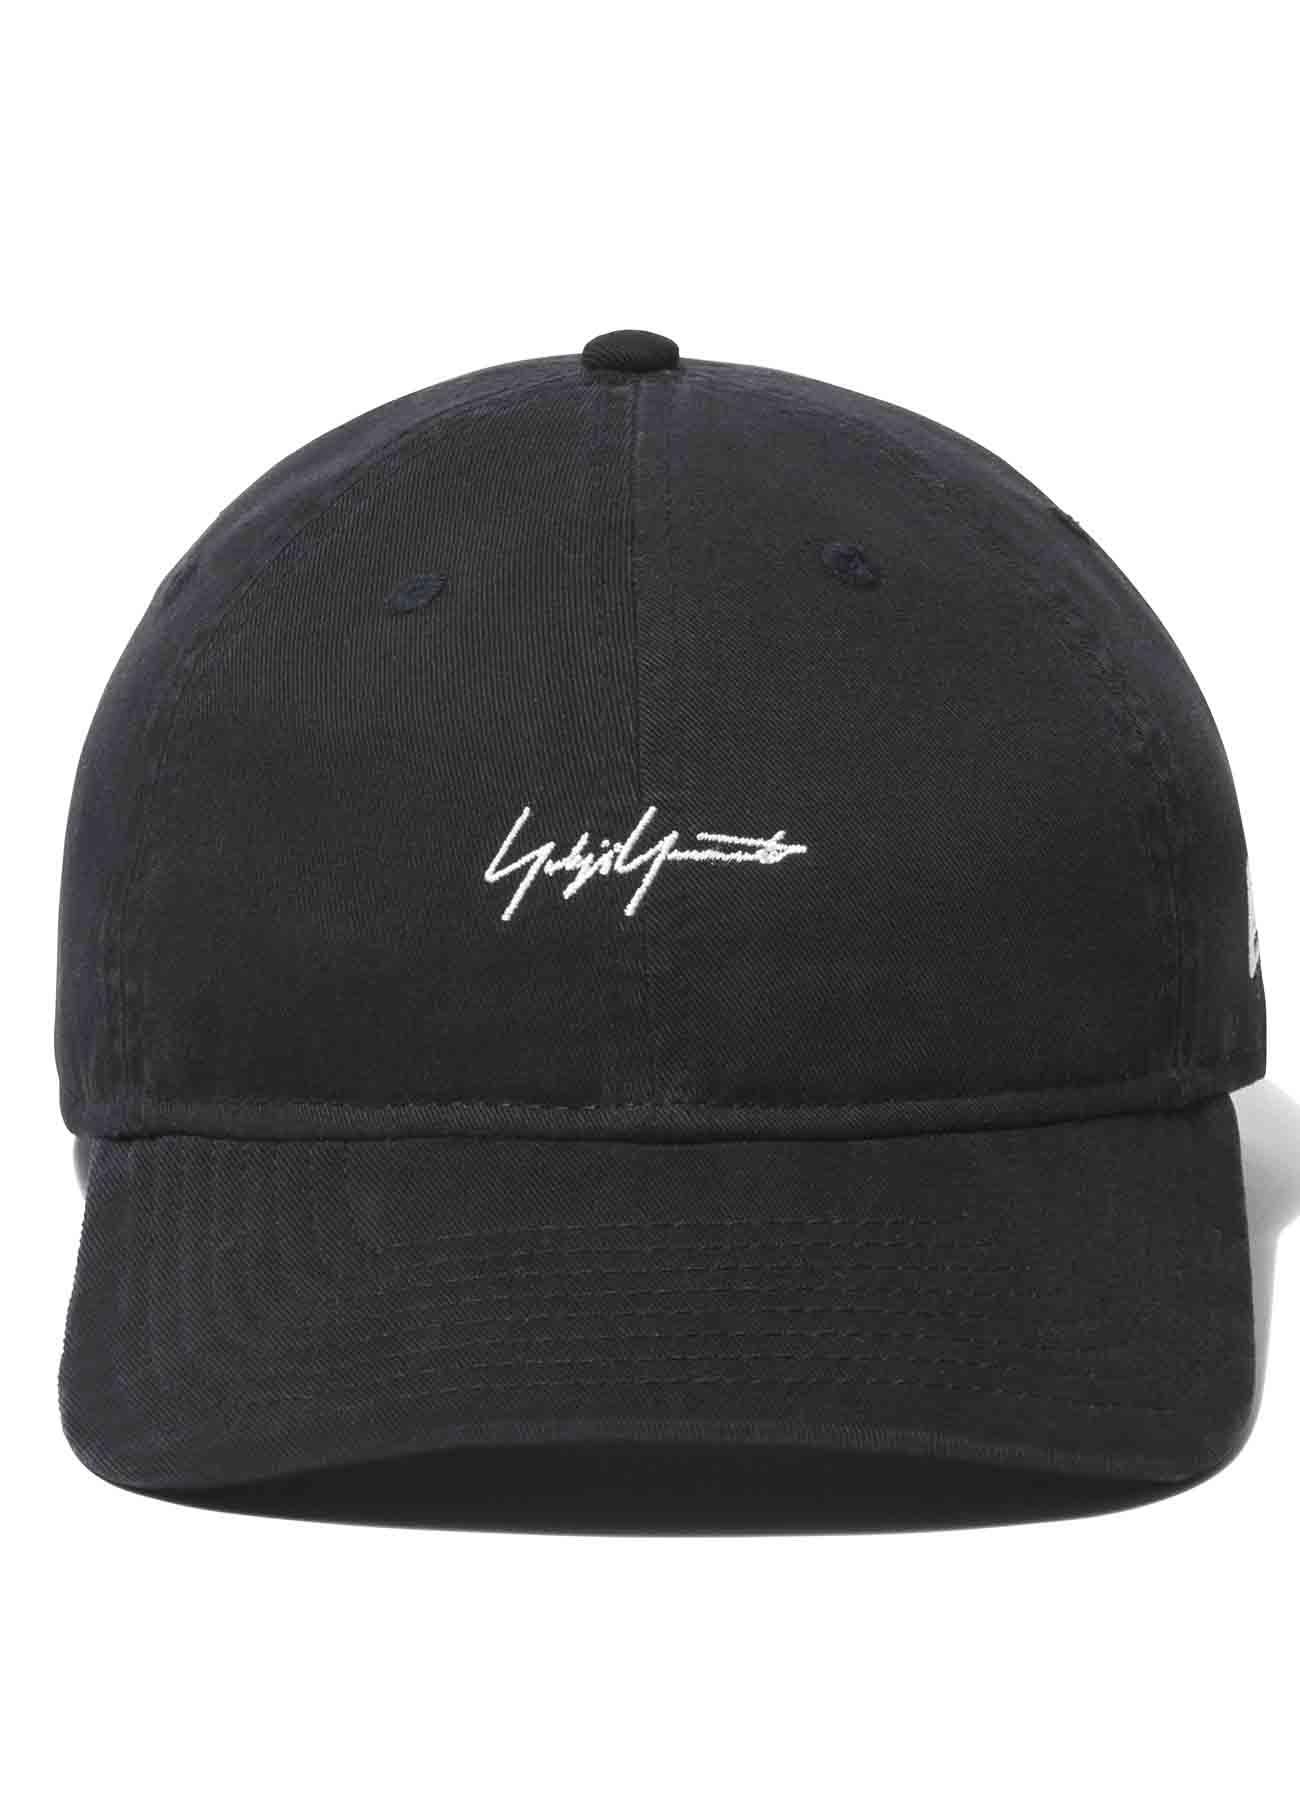 Yohji Yamamoto × New Era 9THIRTY Cotton Packable Logo Black